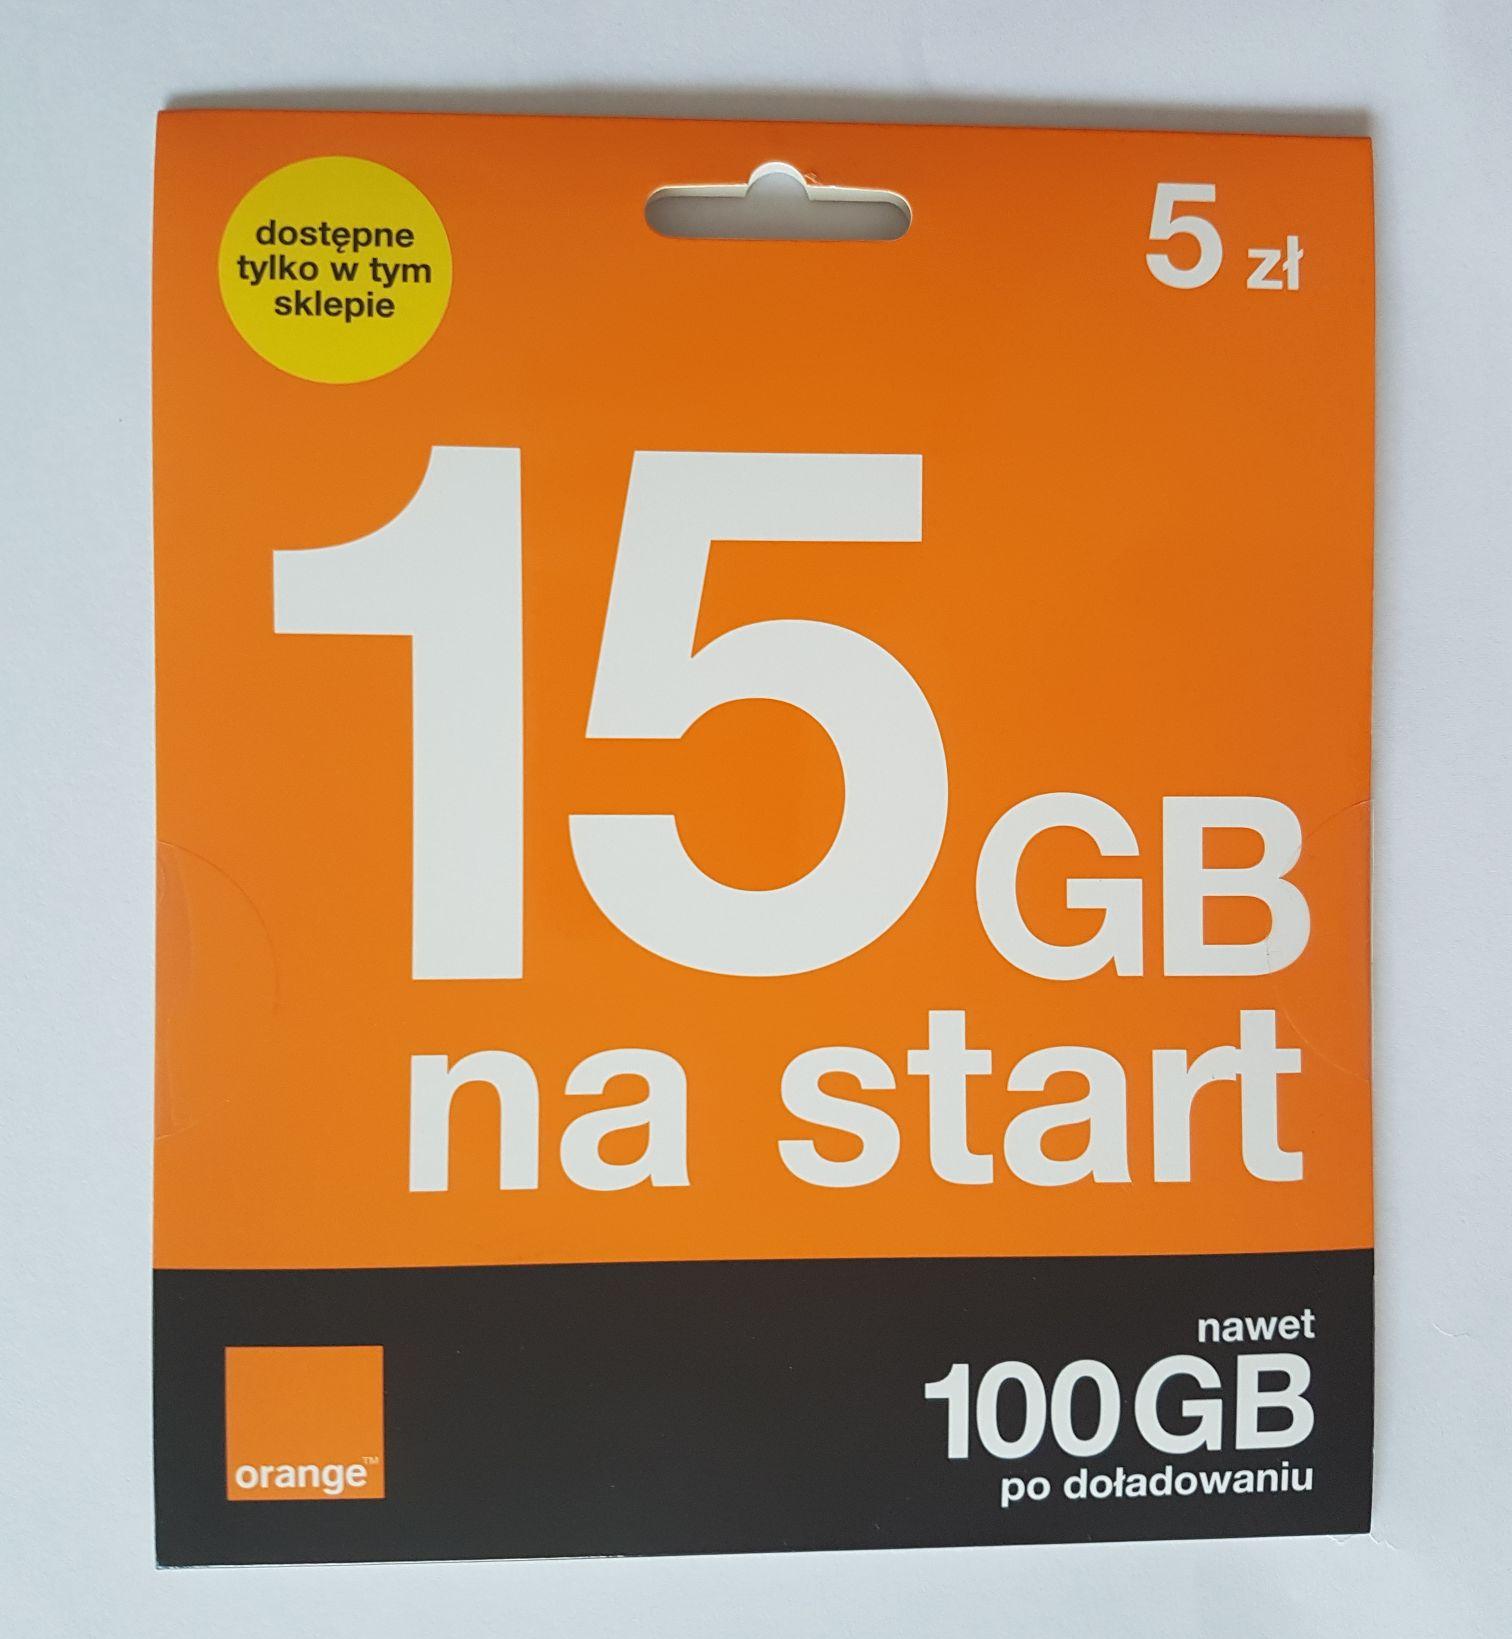 Starter Orange za 5 zł z bonusem 15 GB w sklepach Żabka. Promocja obowiązuje do 31 marca 2023.